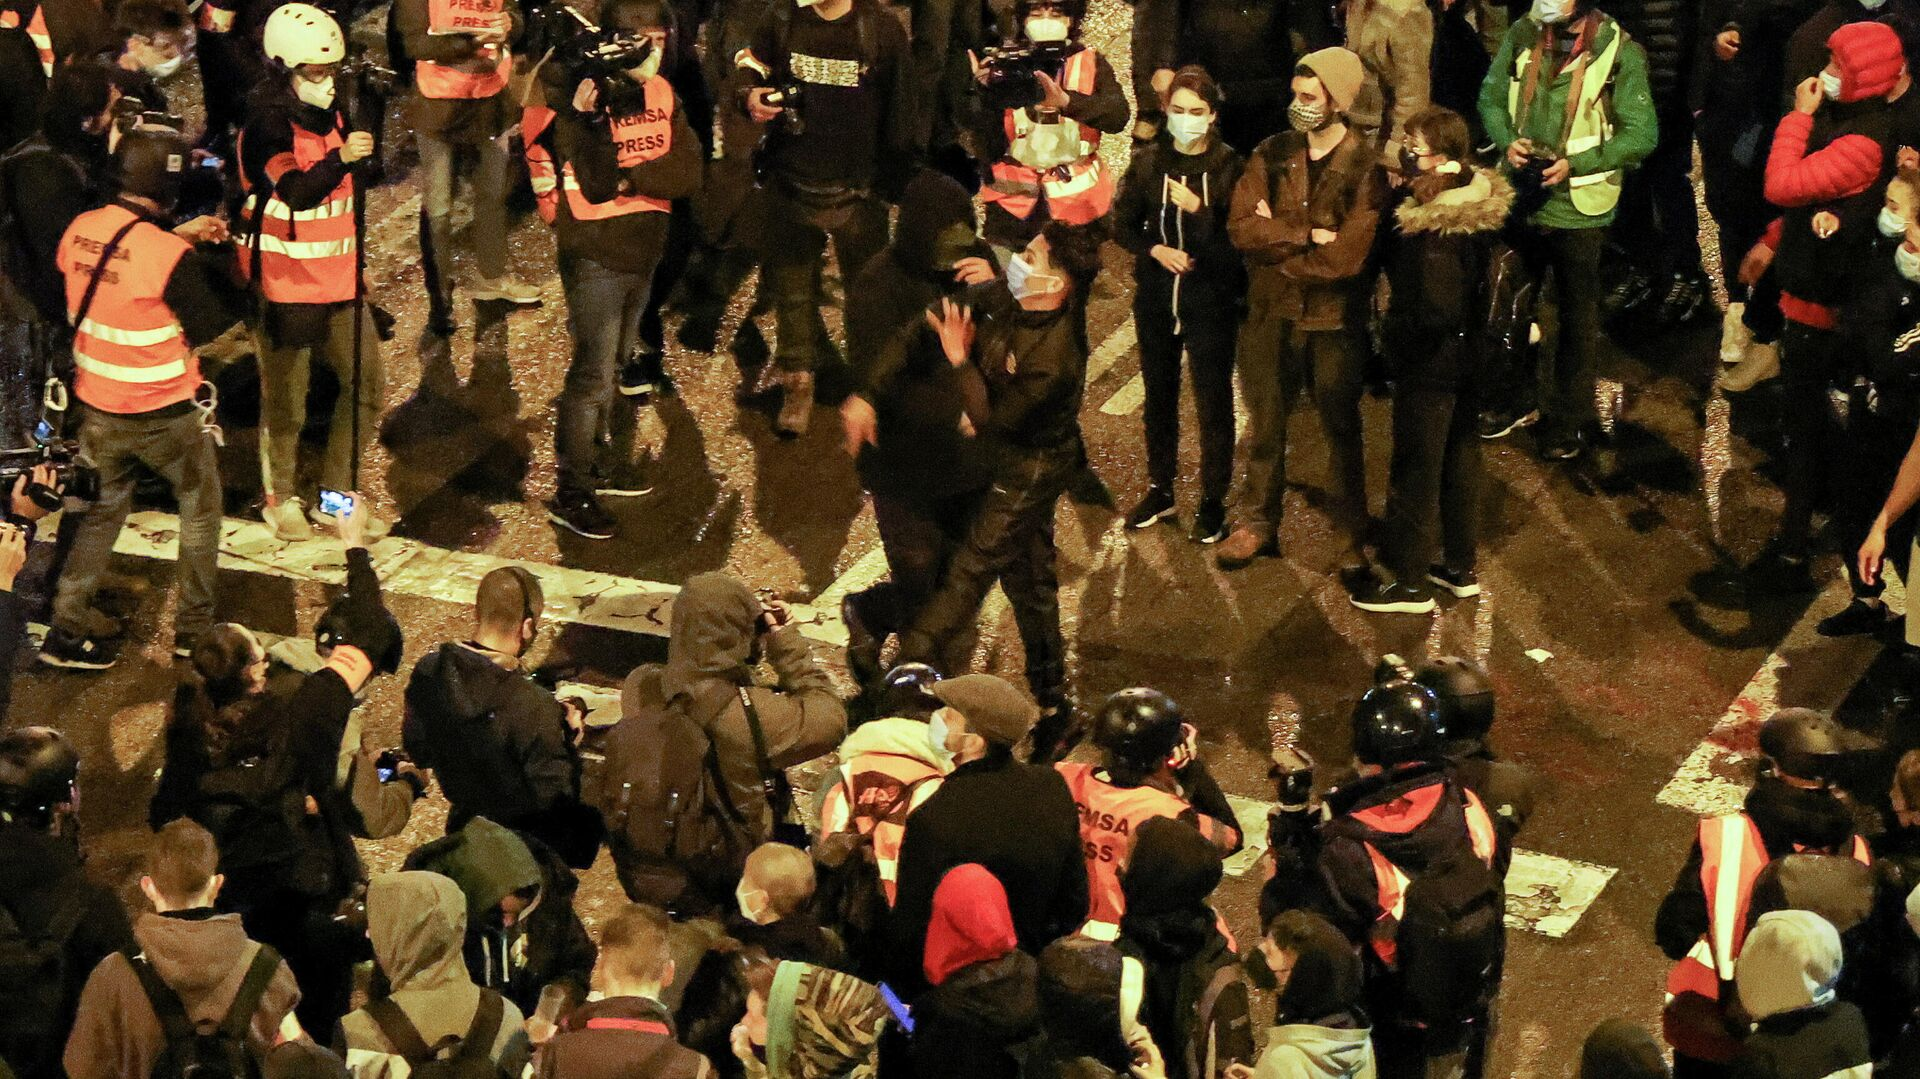 Protestas en Barcelona, España - Sputnik Mundo, 1920, 22.02.2021